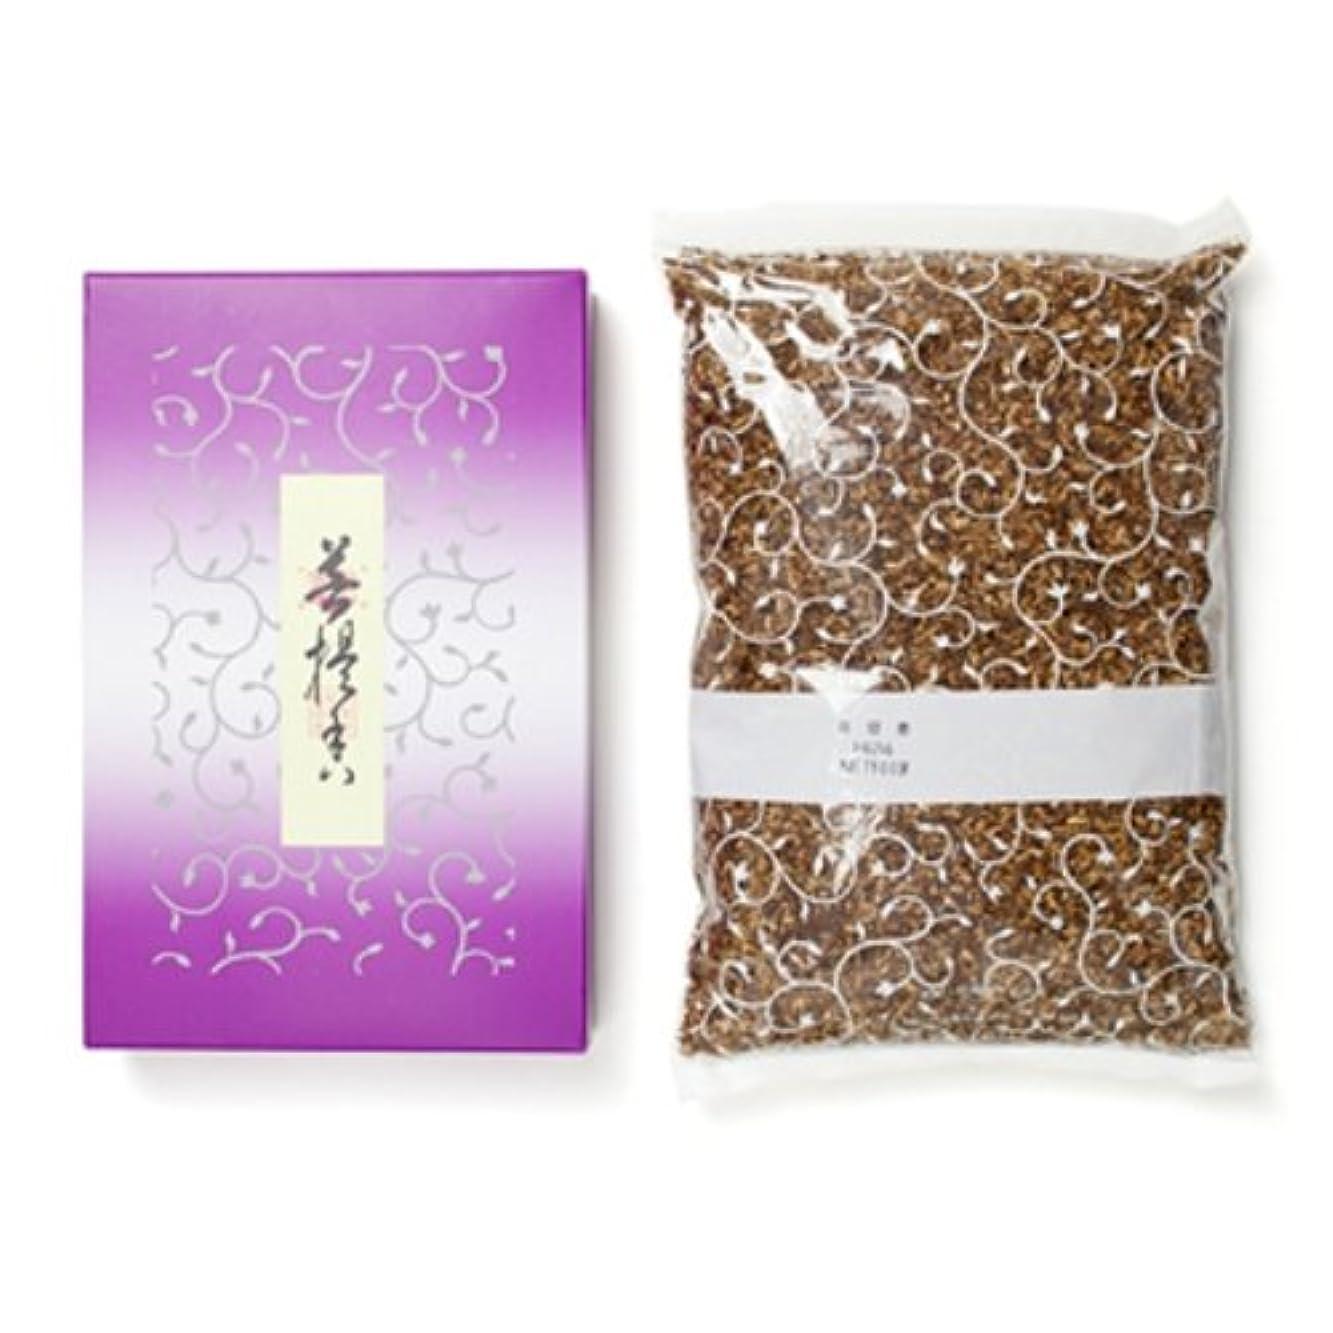 見る人平日にじみ出る松栄堂のお焼香 菩提香 500g詰 紙箱入 #410411